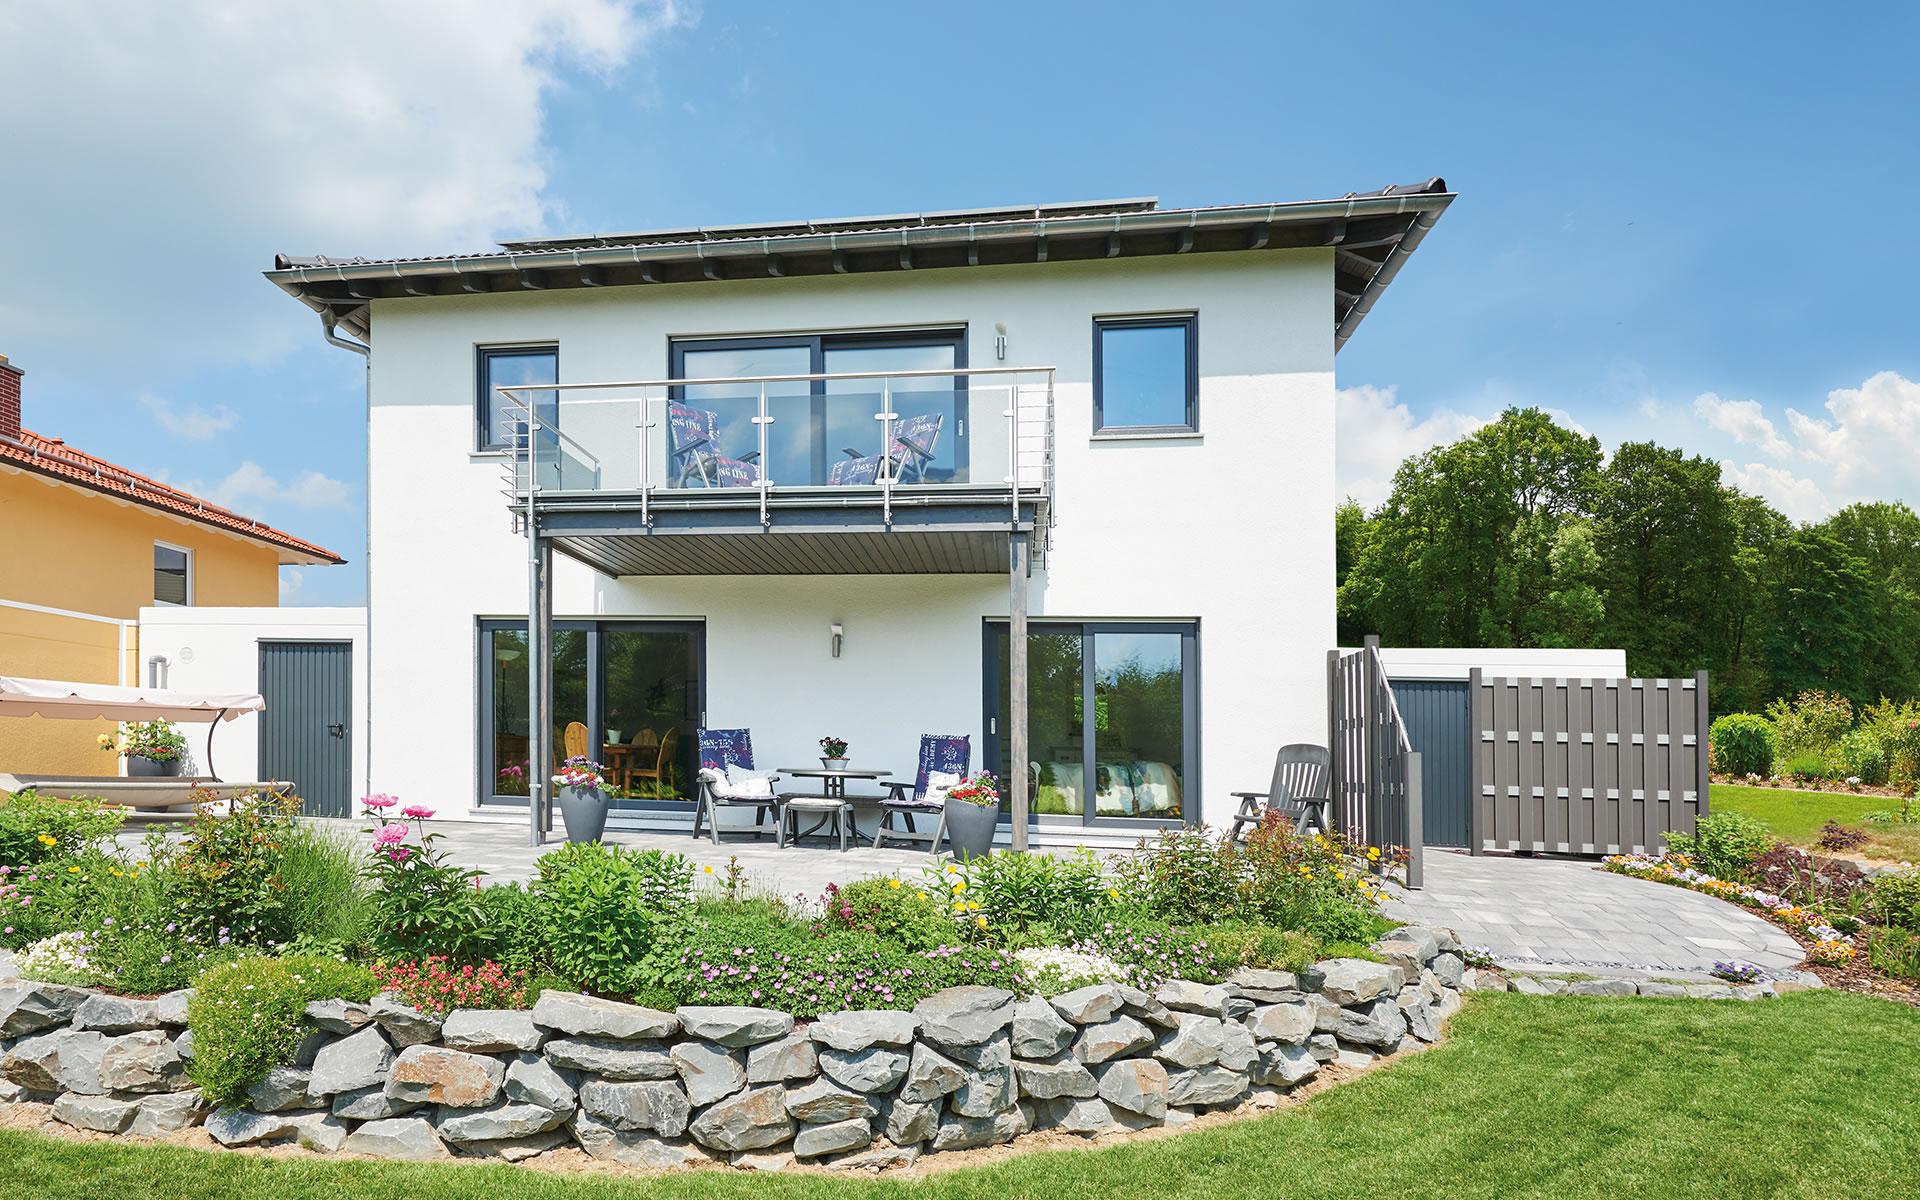 Komforta von Fingerhut Haus GmbH & Co. KG